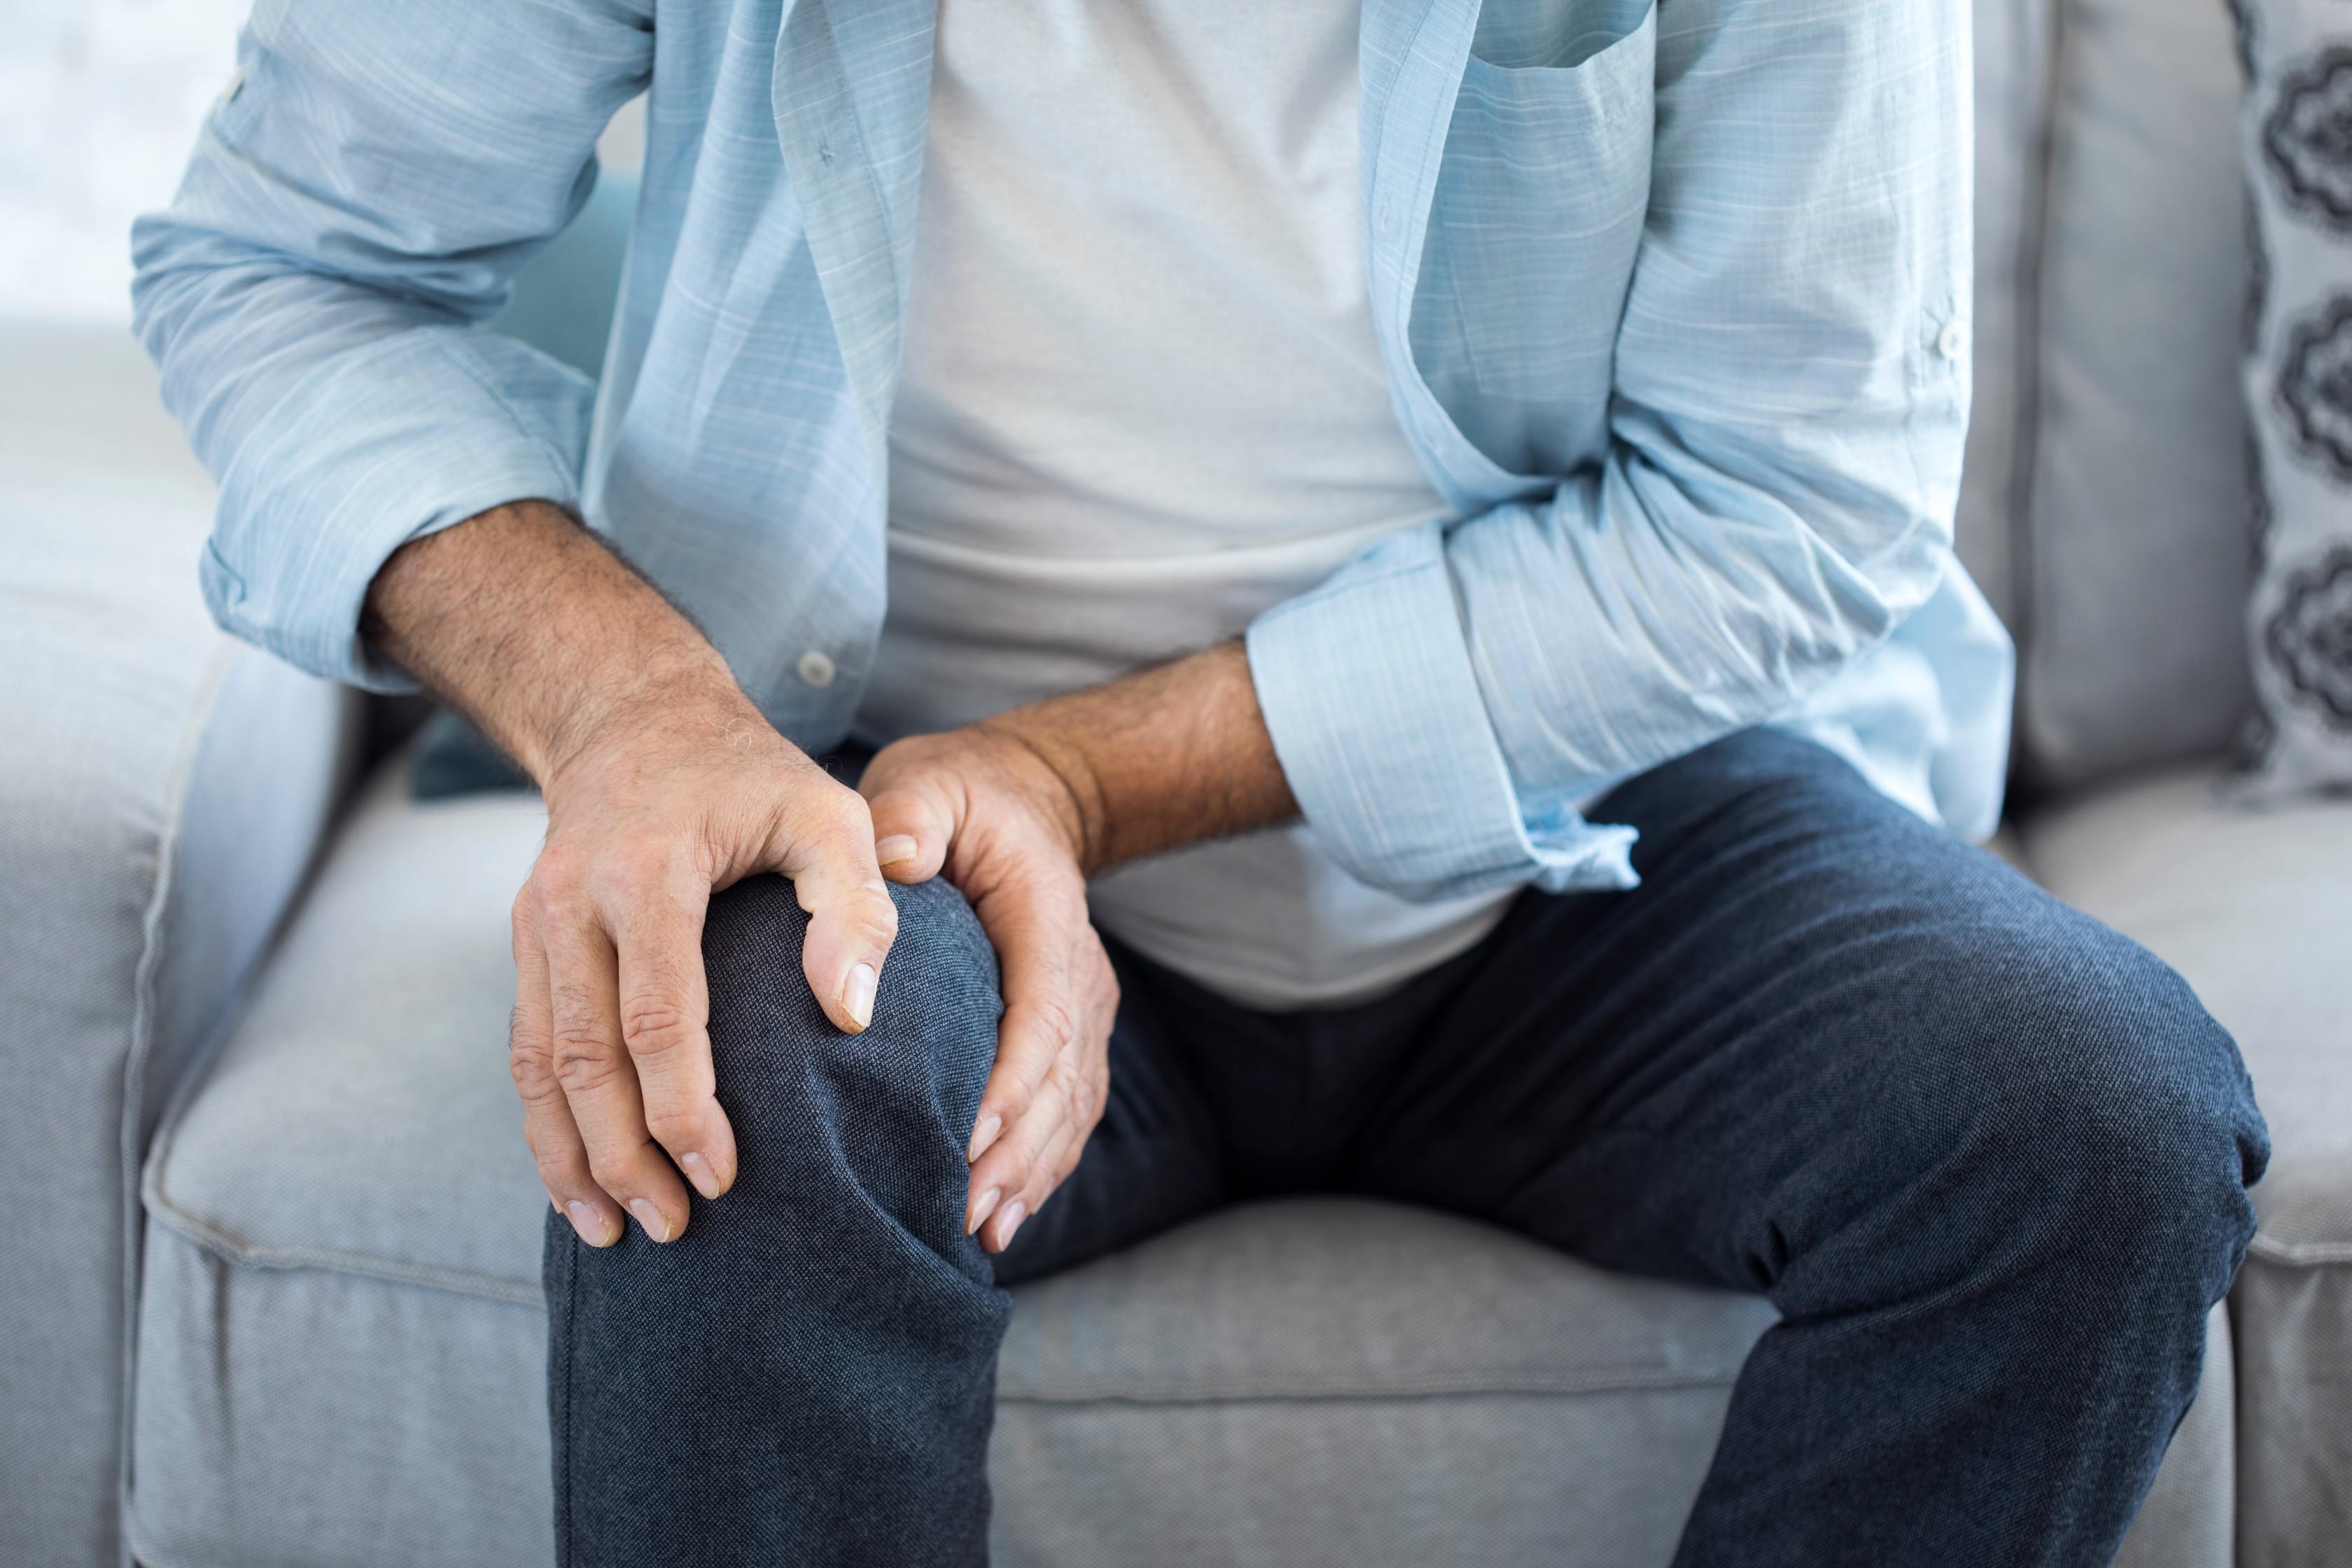 szappan ízületi fájdalmak kezelésére megölni ízületi fájdalmakat